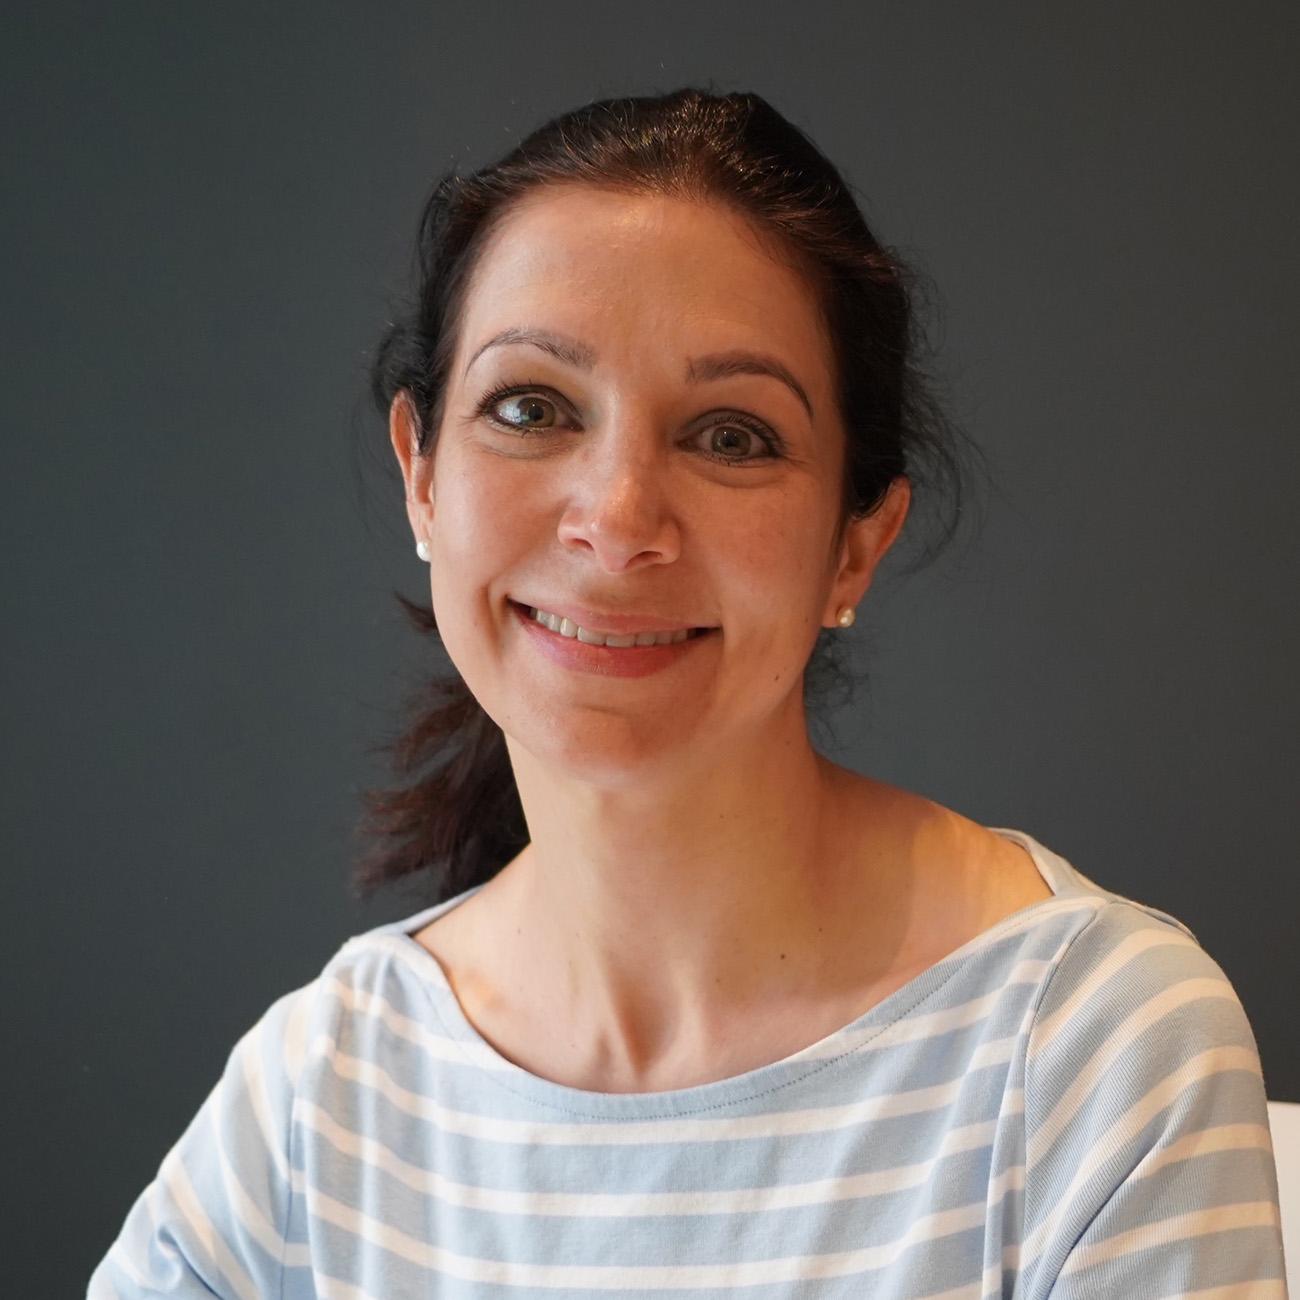 Isabel K. Reich - Frauenarzt | Gynäkologikum 24 - Praxis für Gynäkologie München | Zentrum